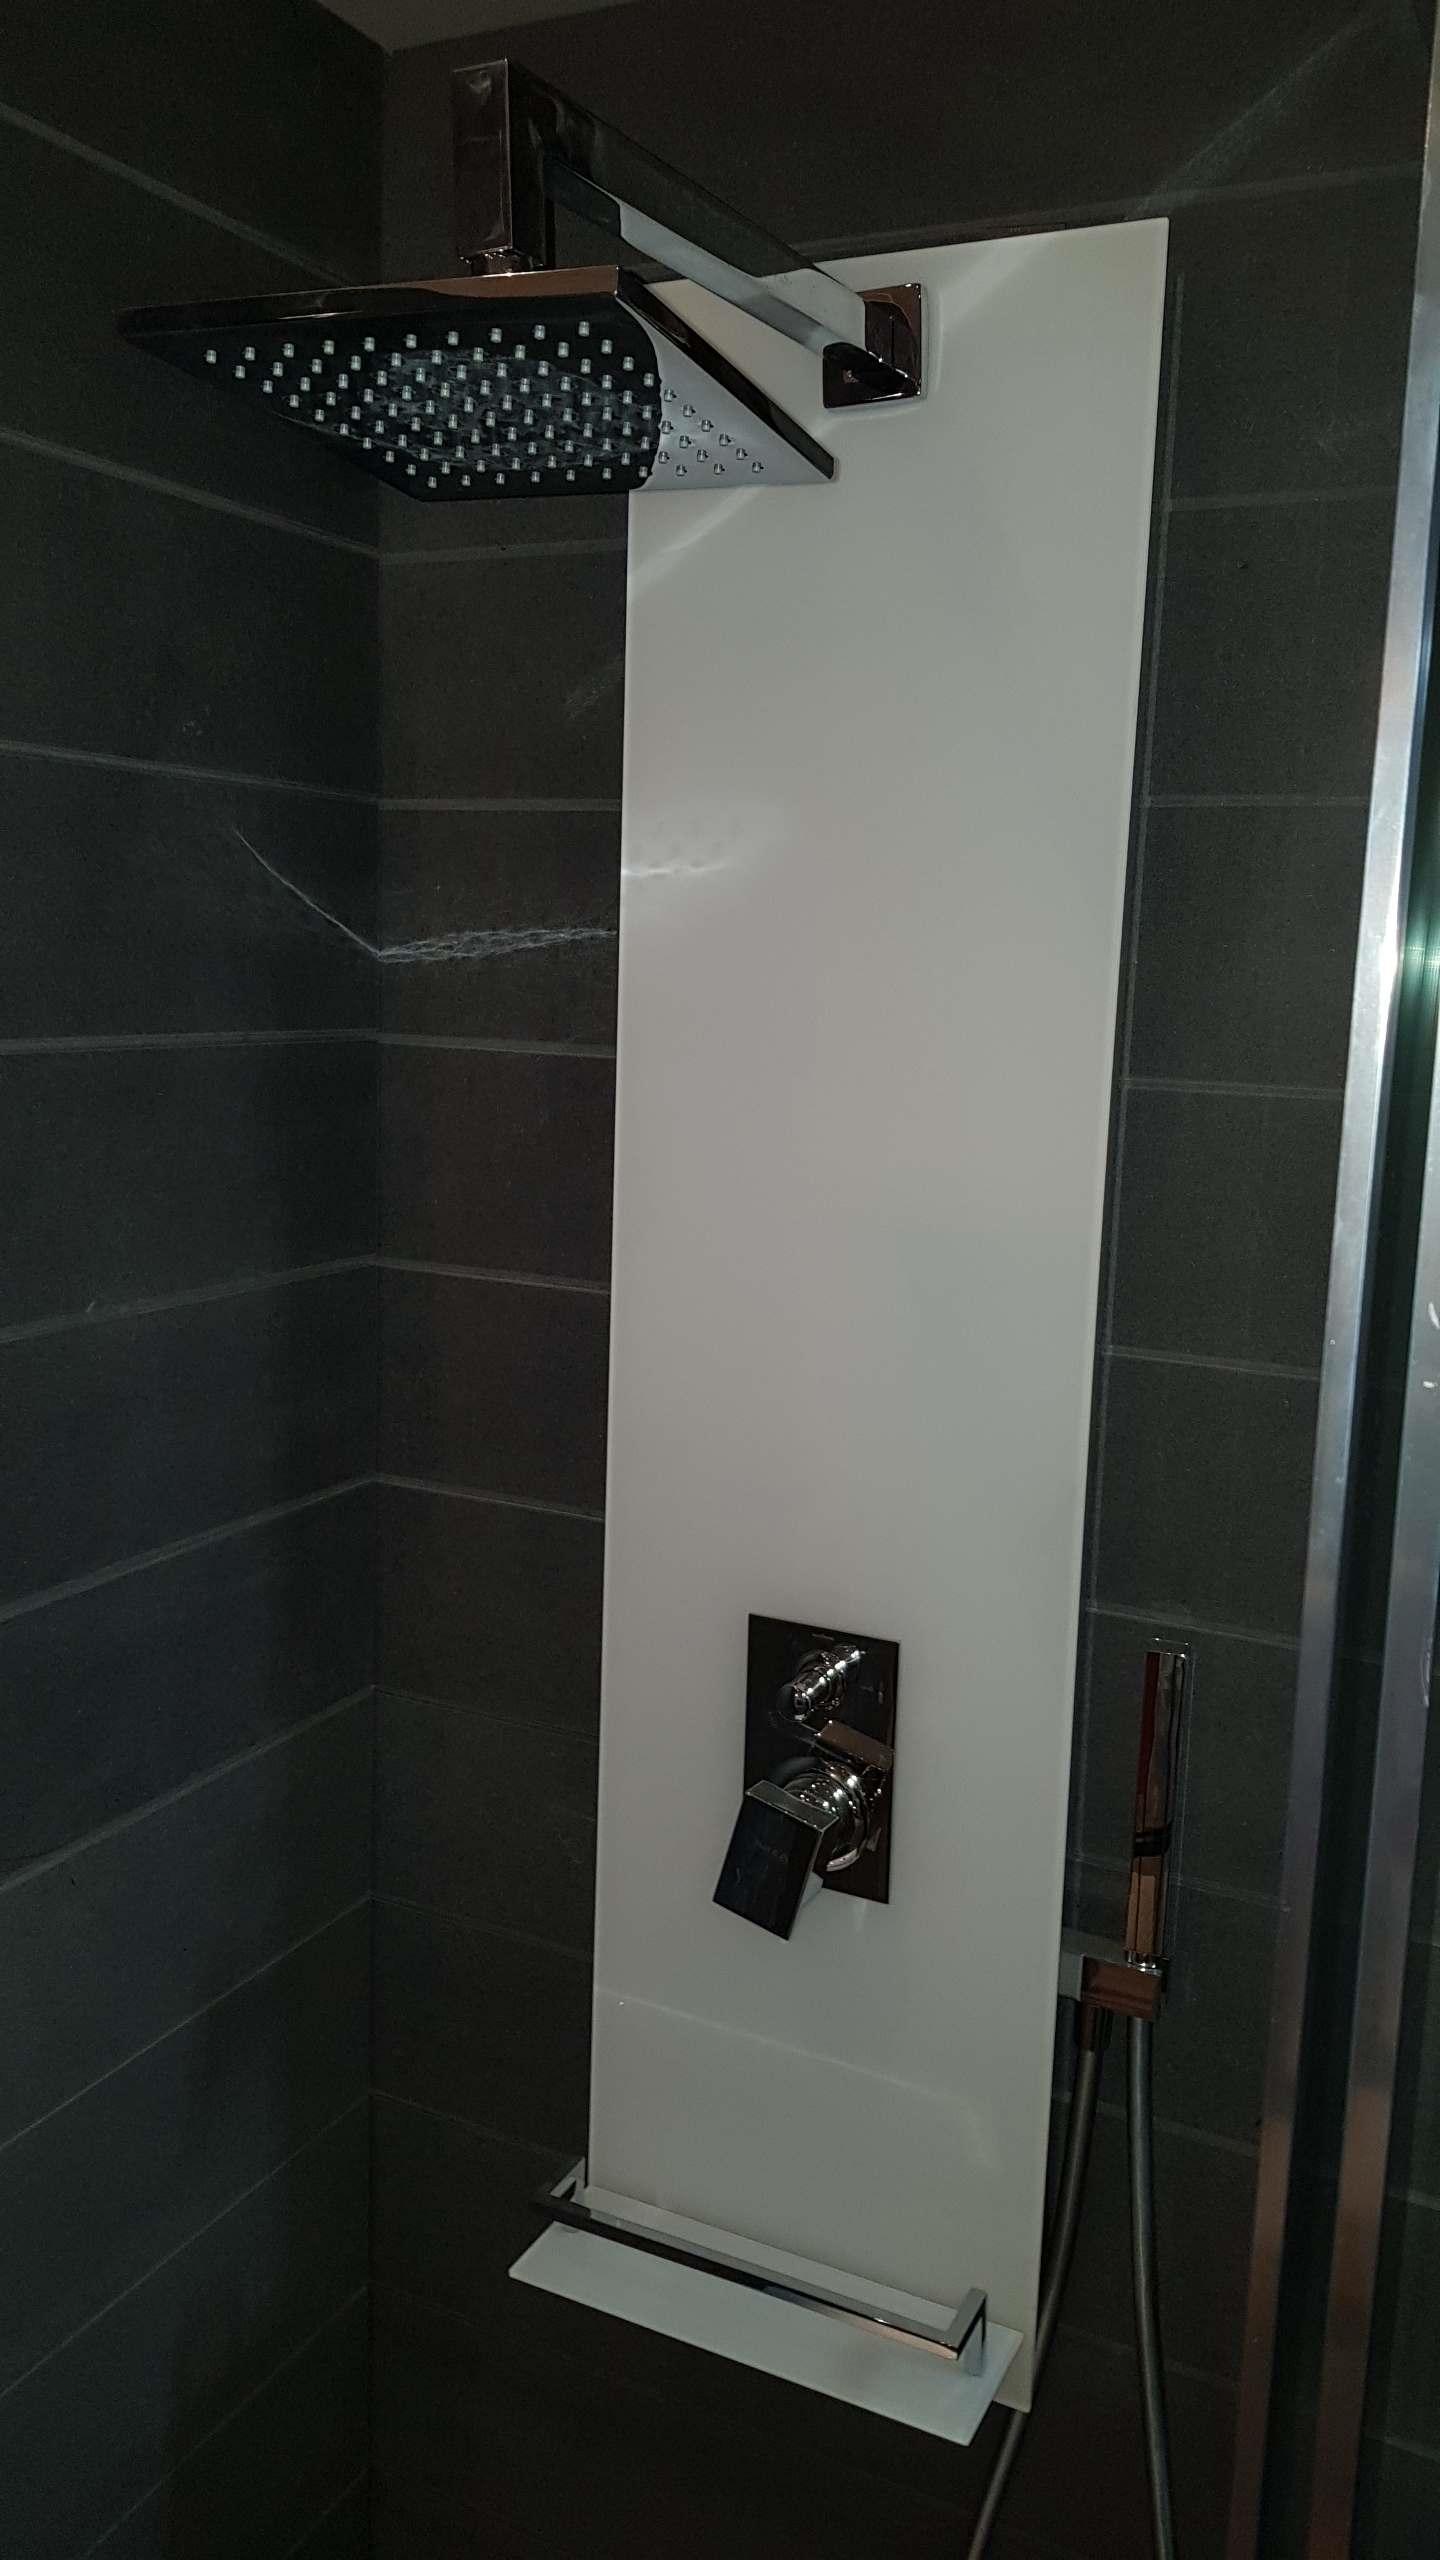 Outlet colonna doccia fly a parete arredo bagno a prezzi scontati - Arredo bagno on line outlet ...